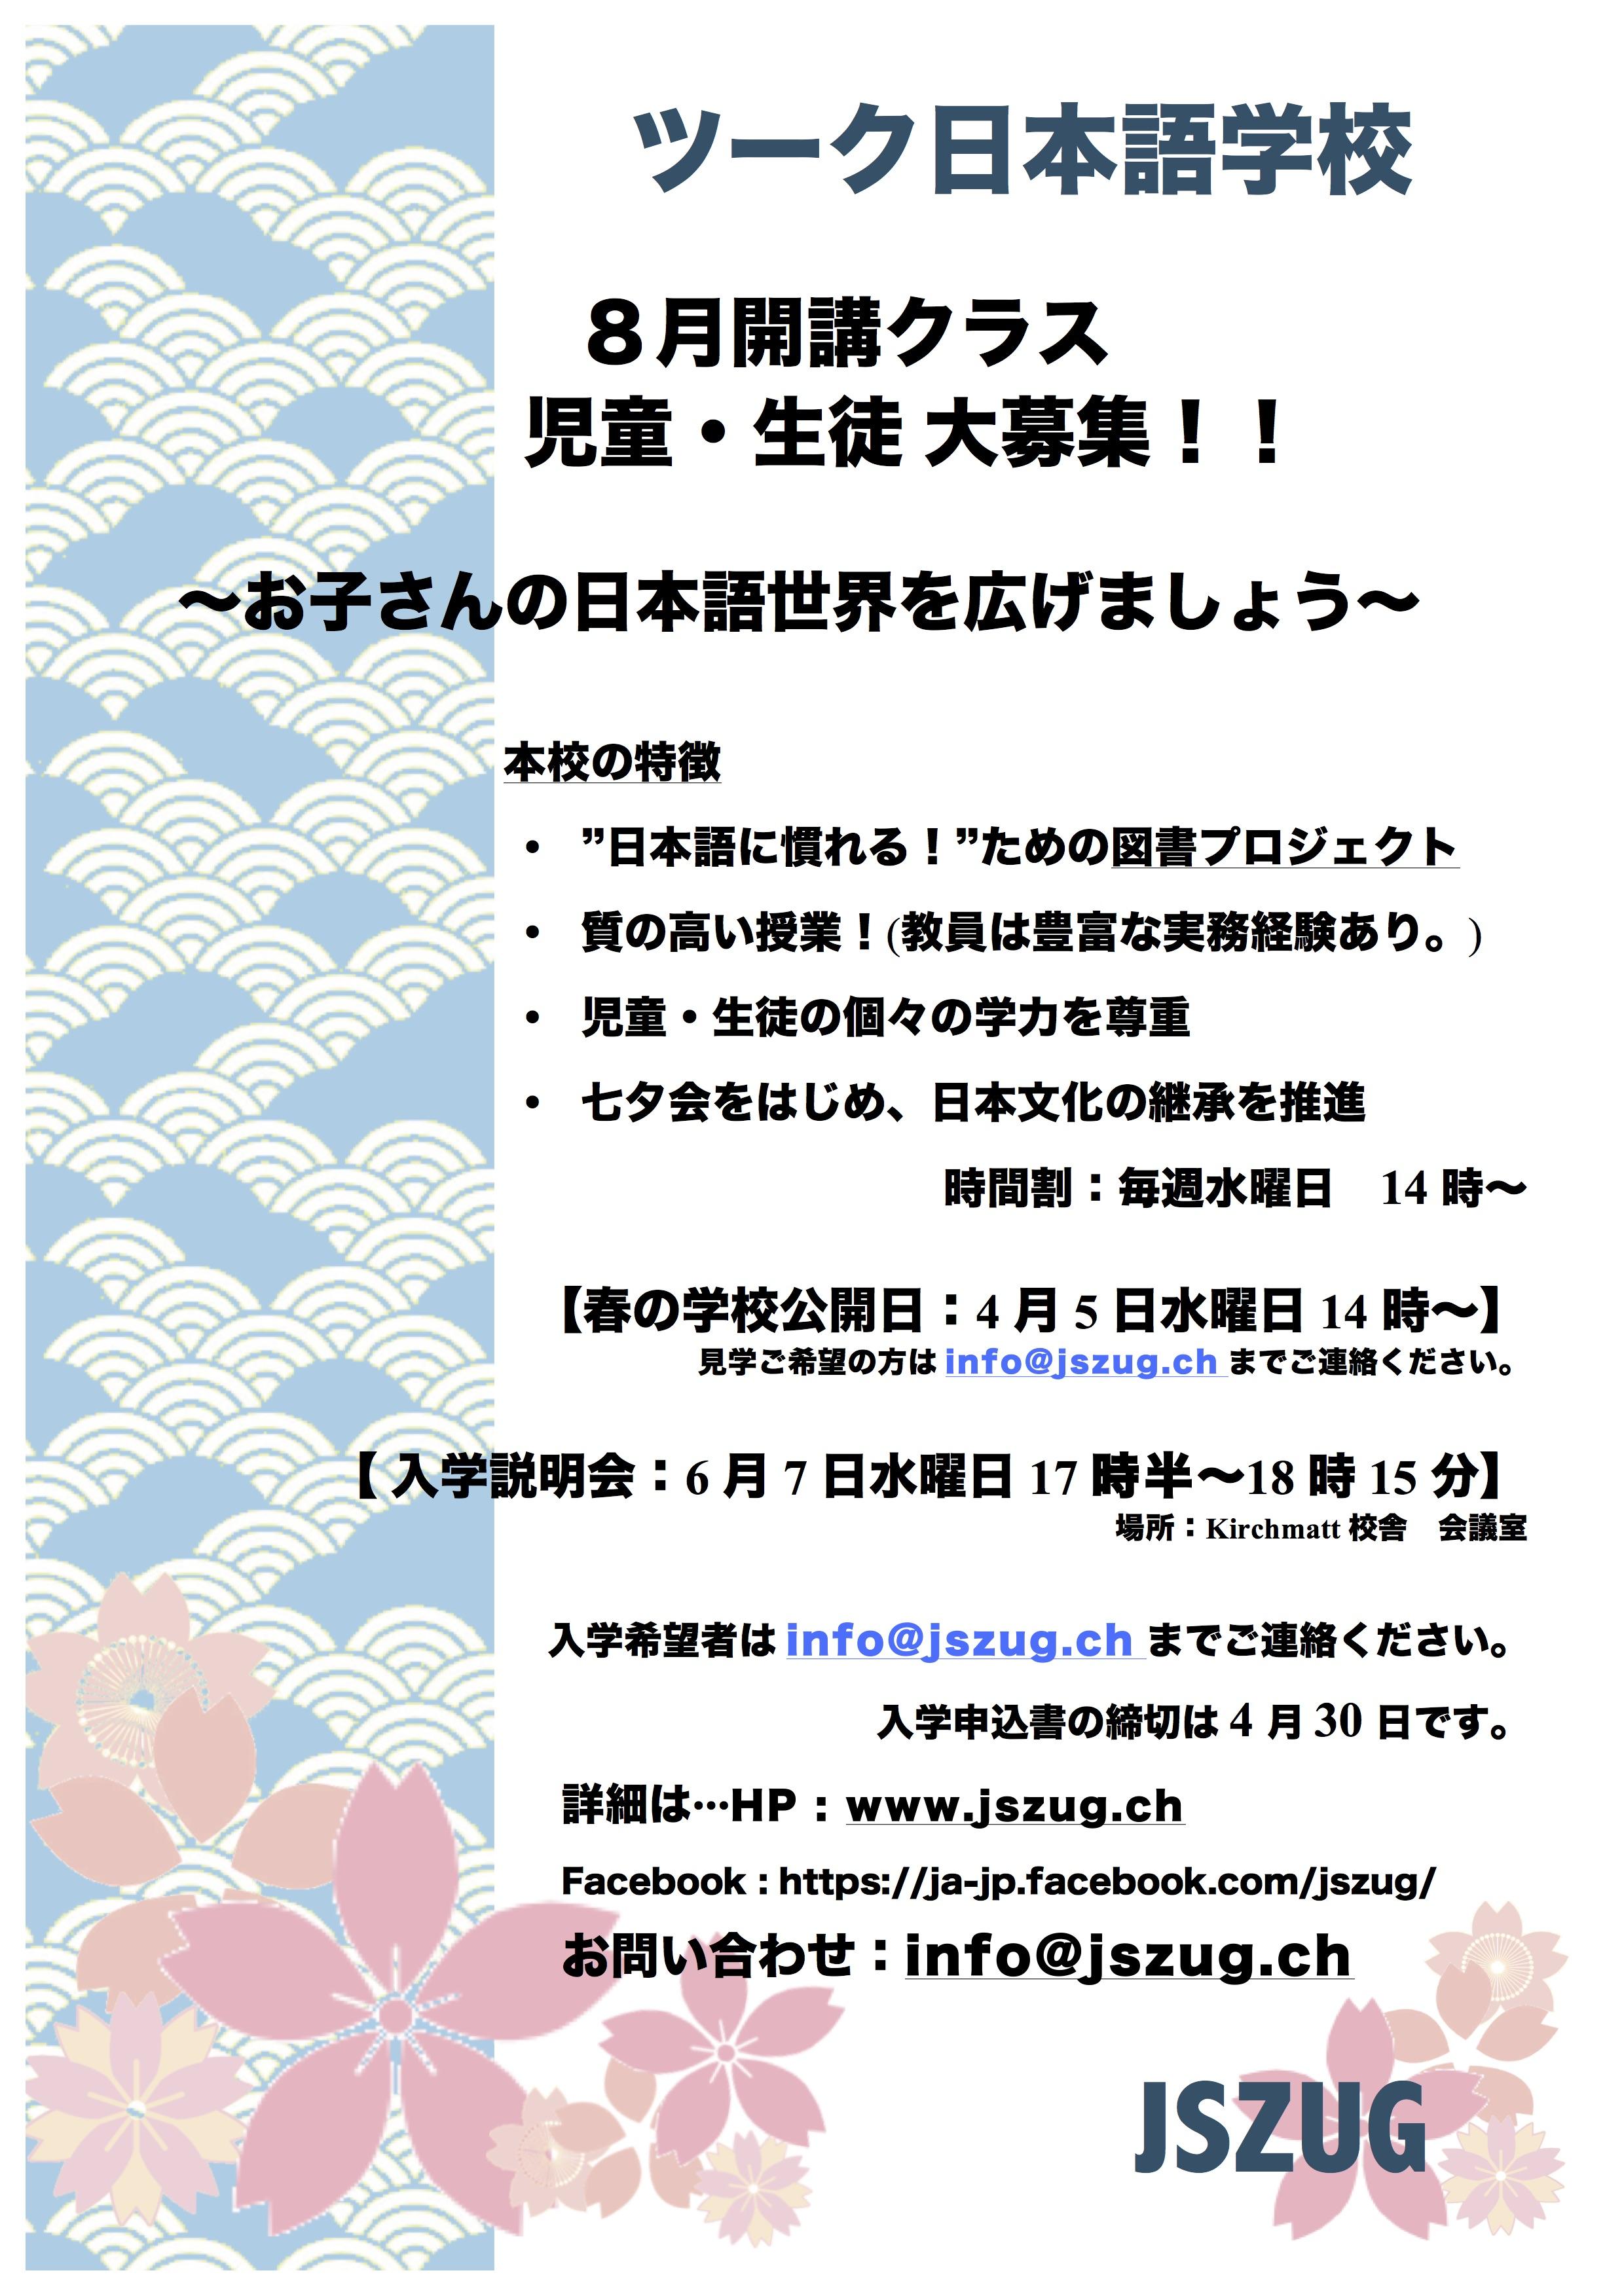 ツーク日本語学校、春の学校公開日